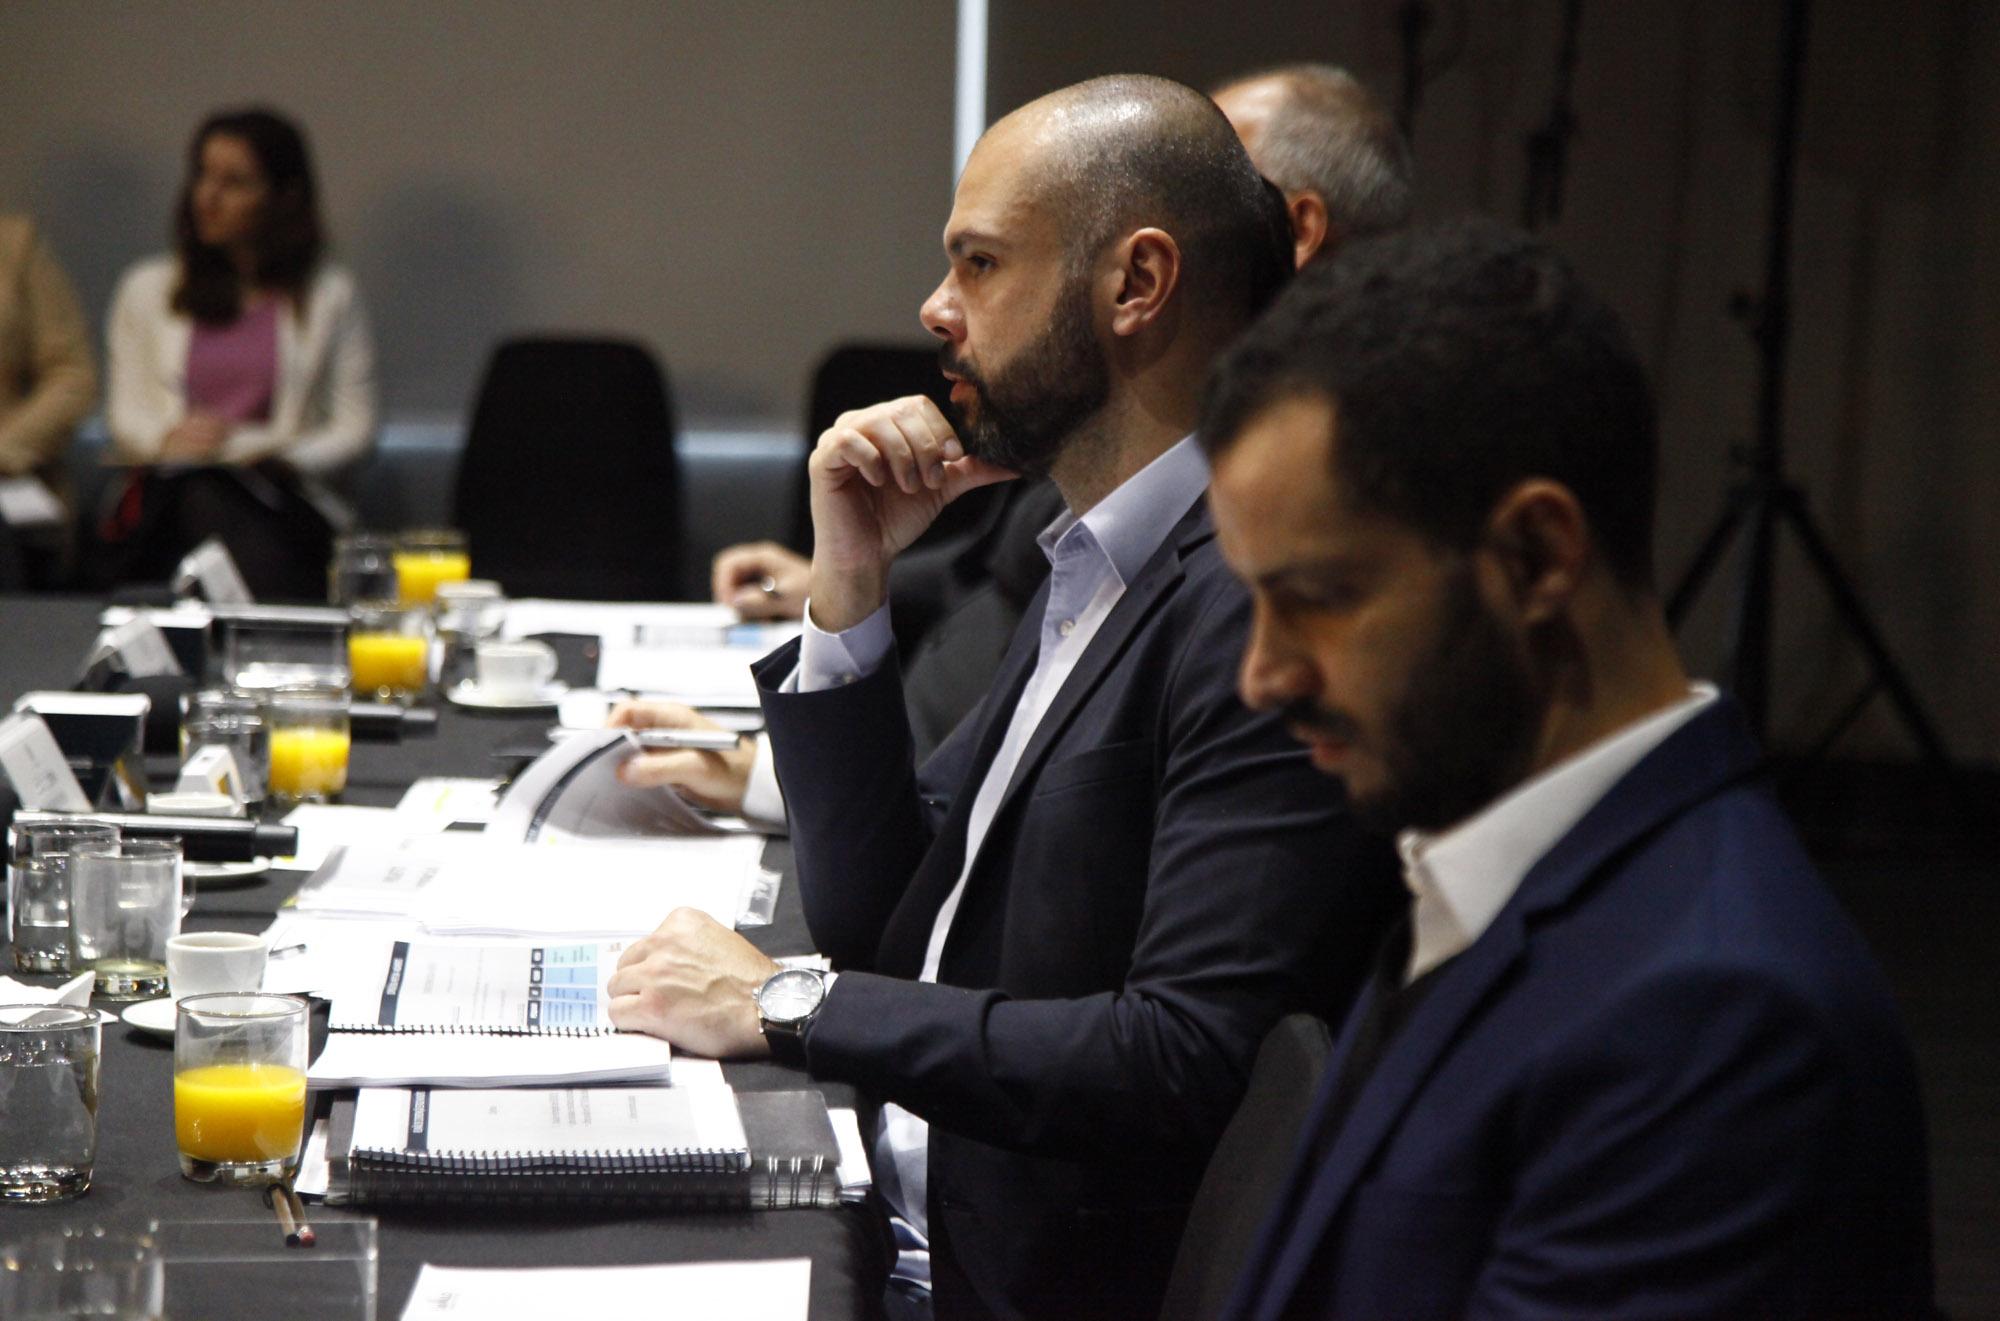 Prefeito Bruno Covas durante reunião do Programa Redenção, em setembro de 2019 (Crédito: Divulgação Prefeitura)